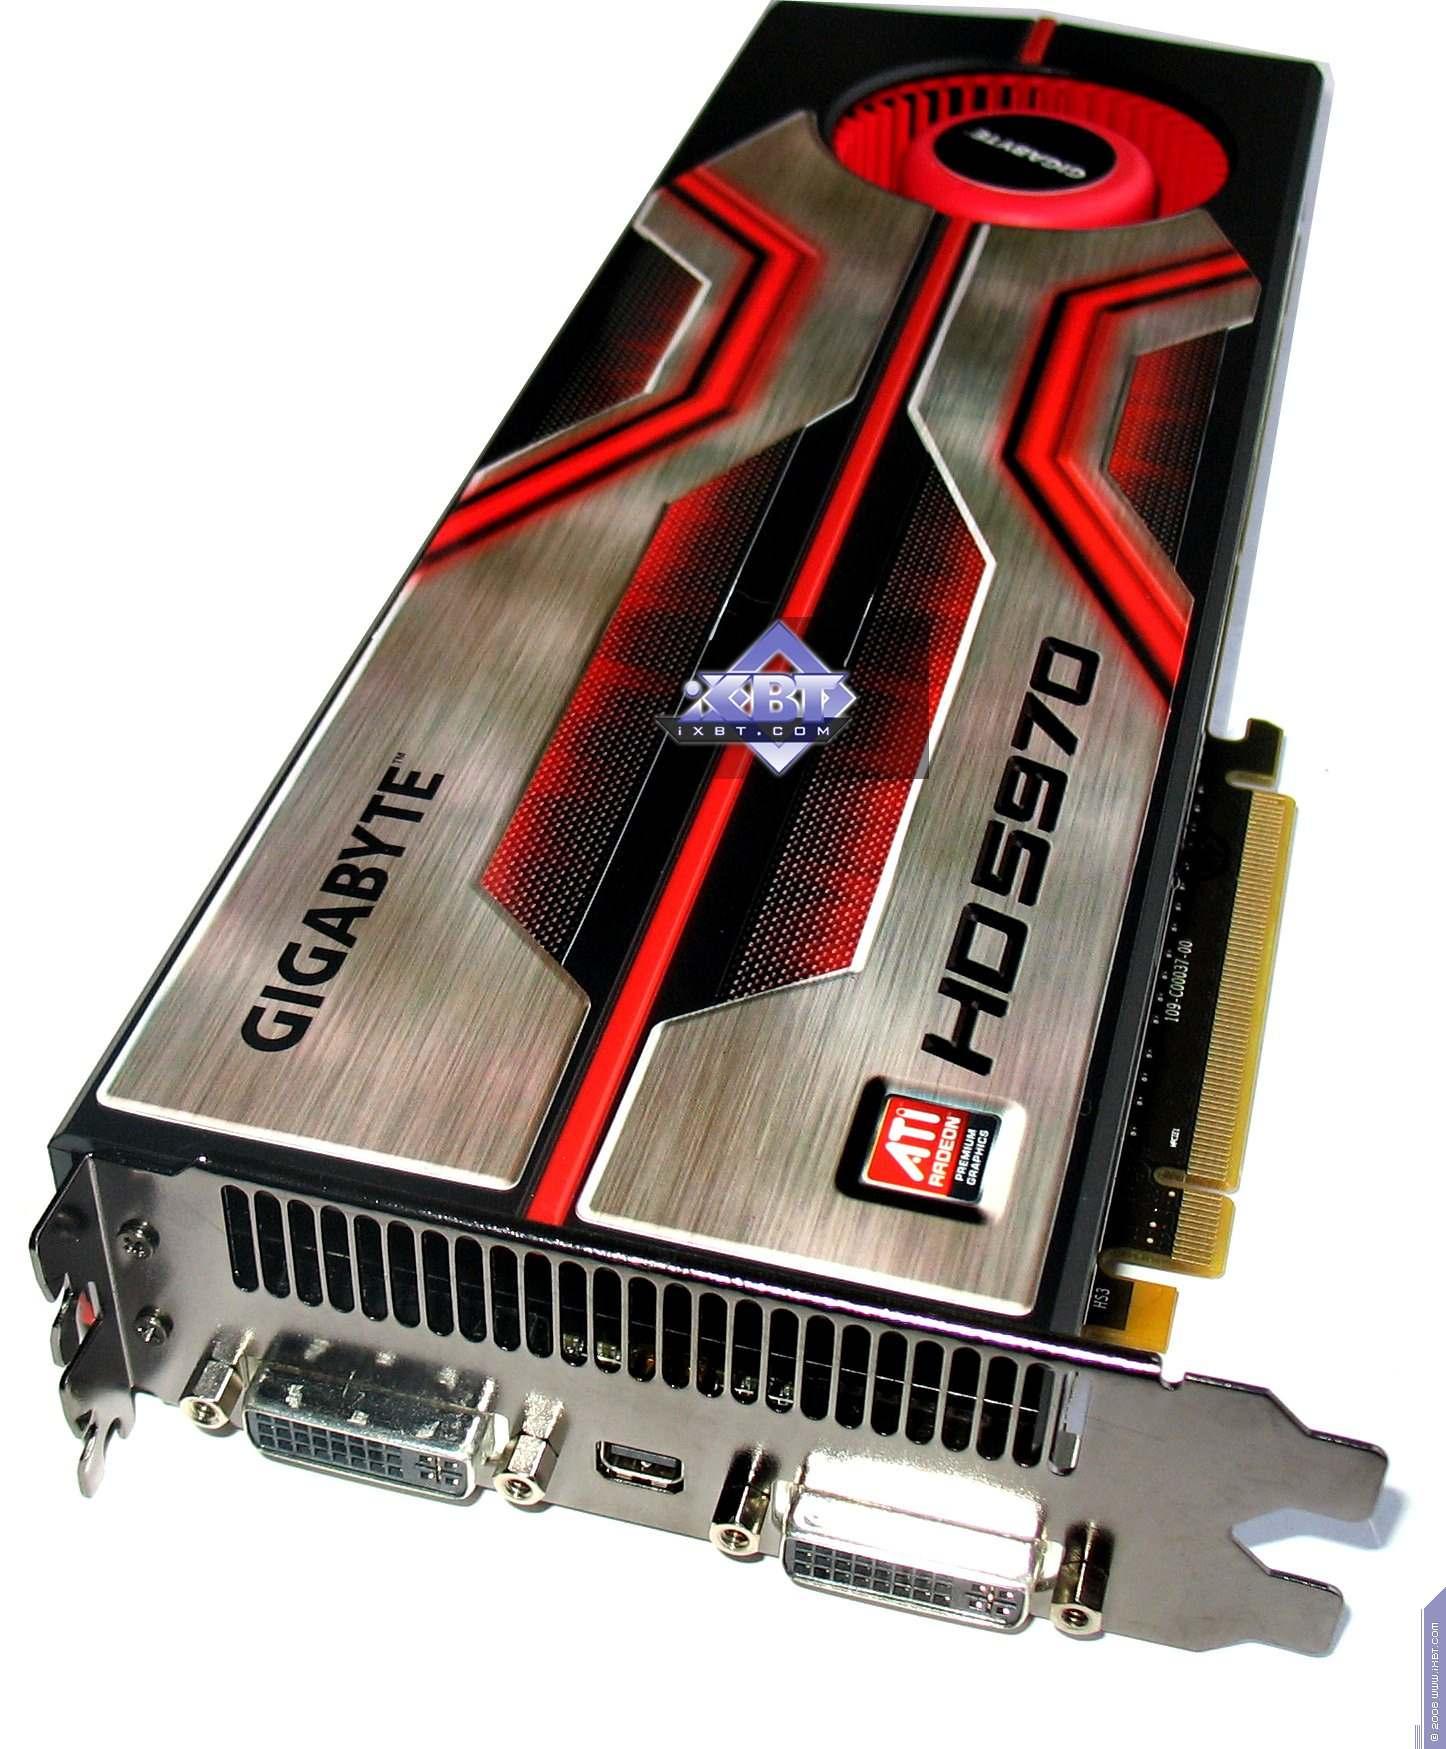 gigabyte 5970 front